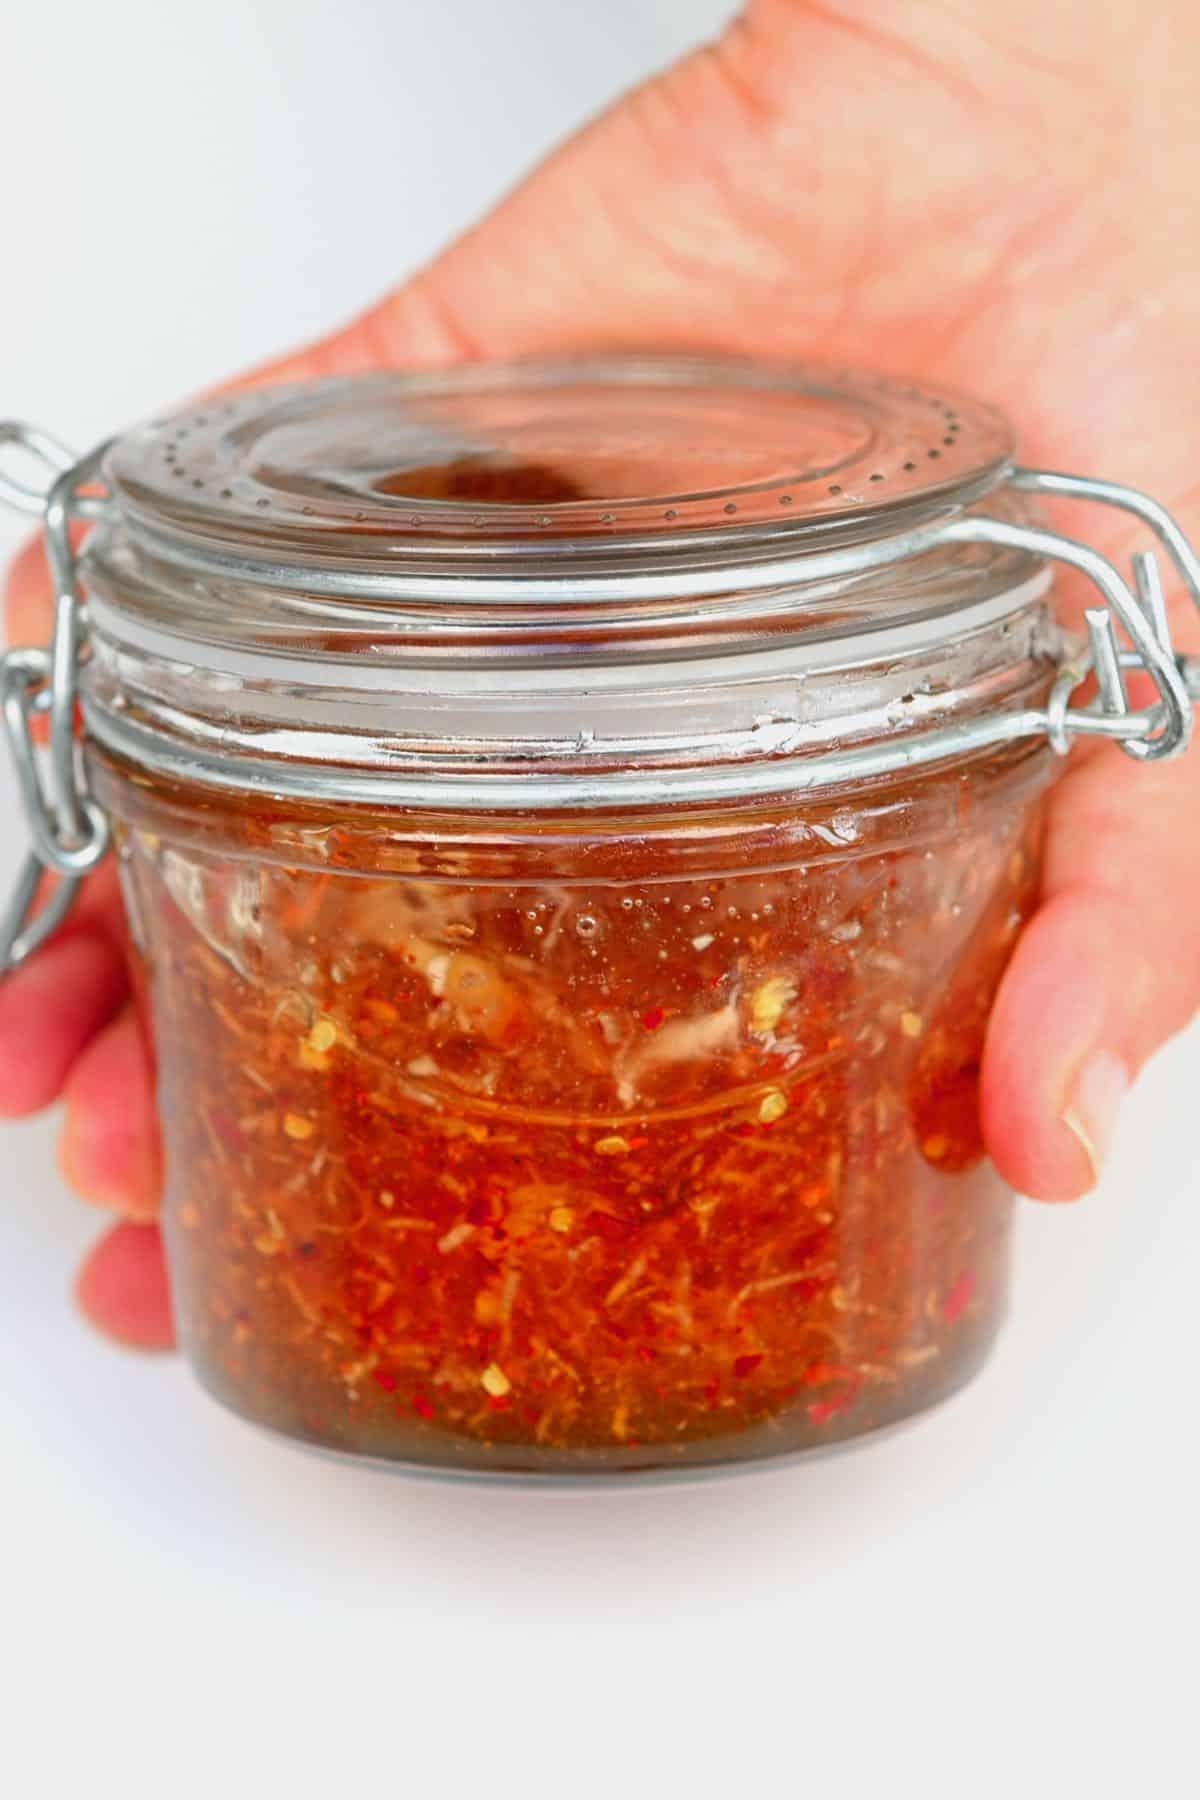 A jar with garlic chili honey